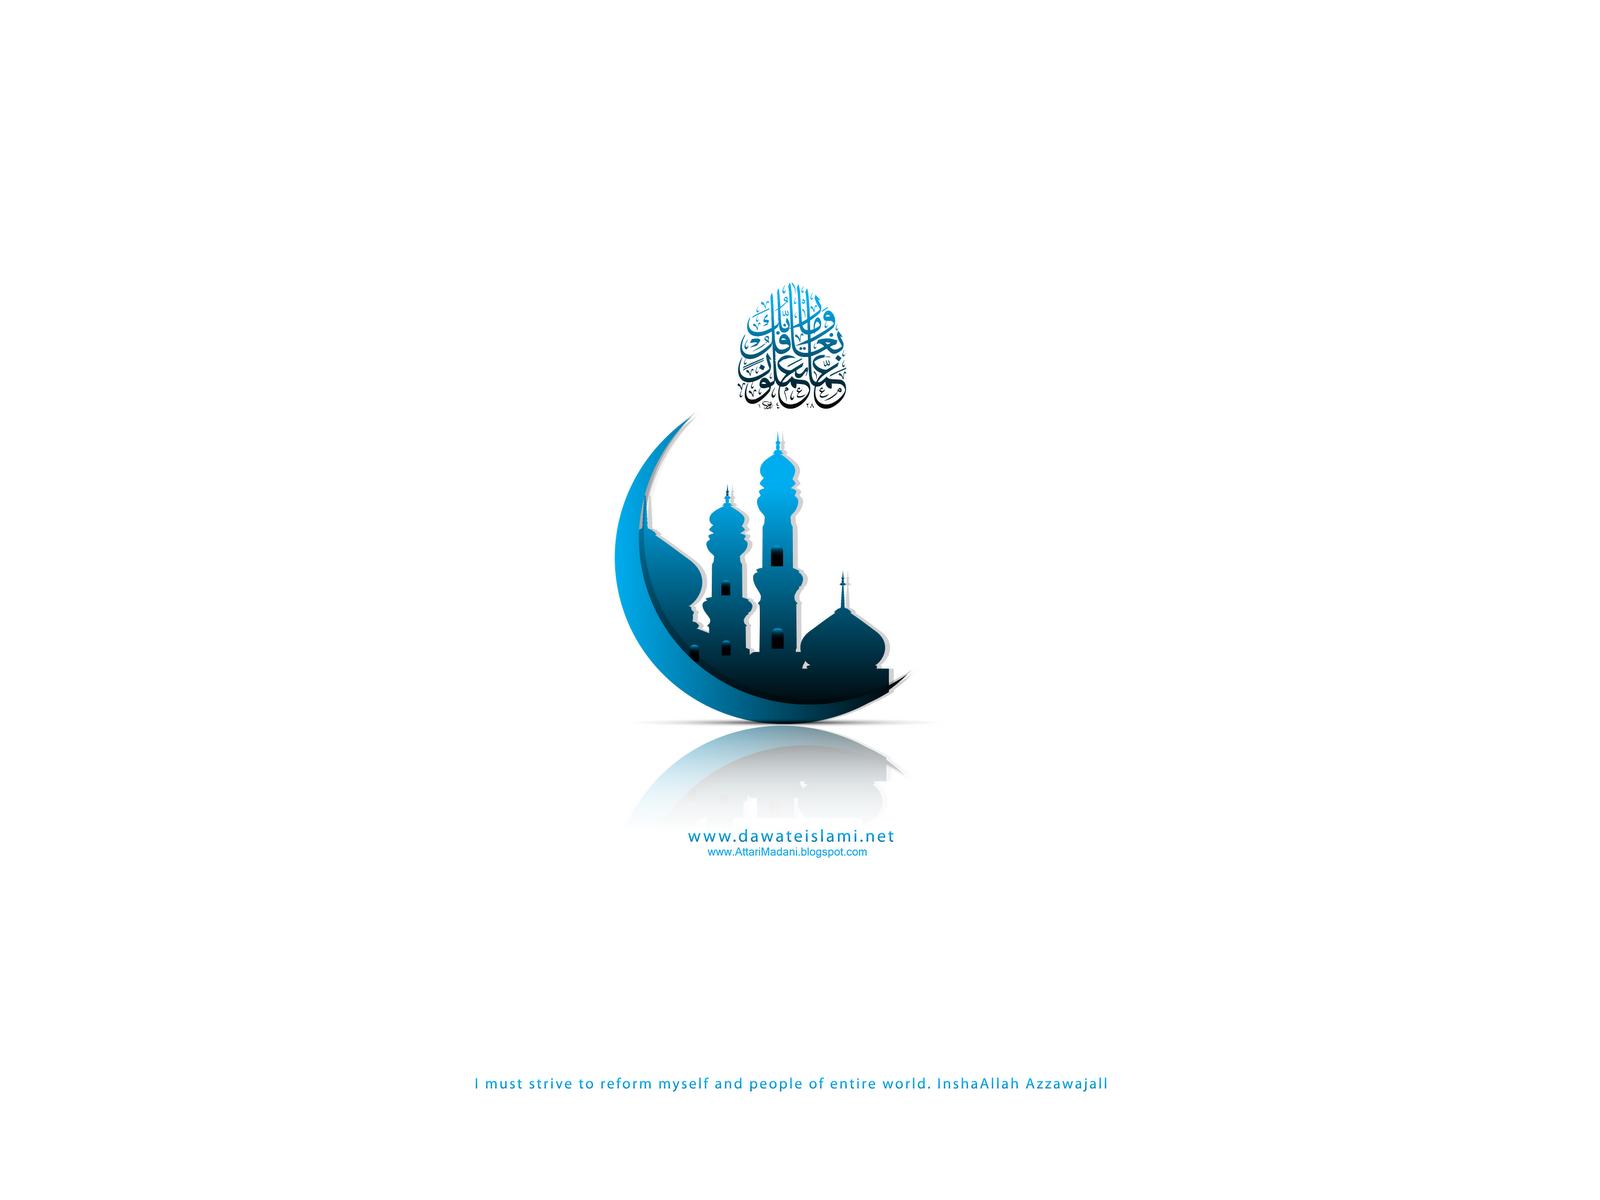 http://4.bp.blogspot.com/-d0NYesiU9r0/ToQSAgB8YAI/AAAAAAAAAlY/KXplGYEYJlE/s1600/Hajj-And-Eid-Adha-Wallpaper-Dawat-e-Islami-6.jpg